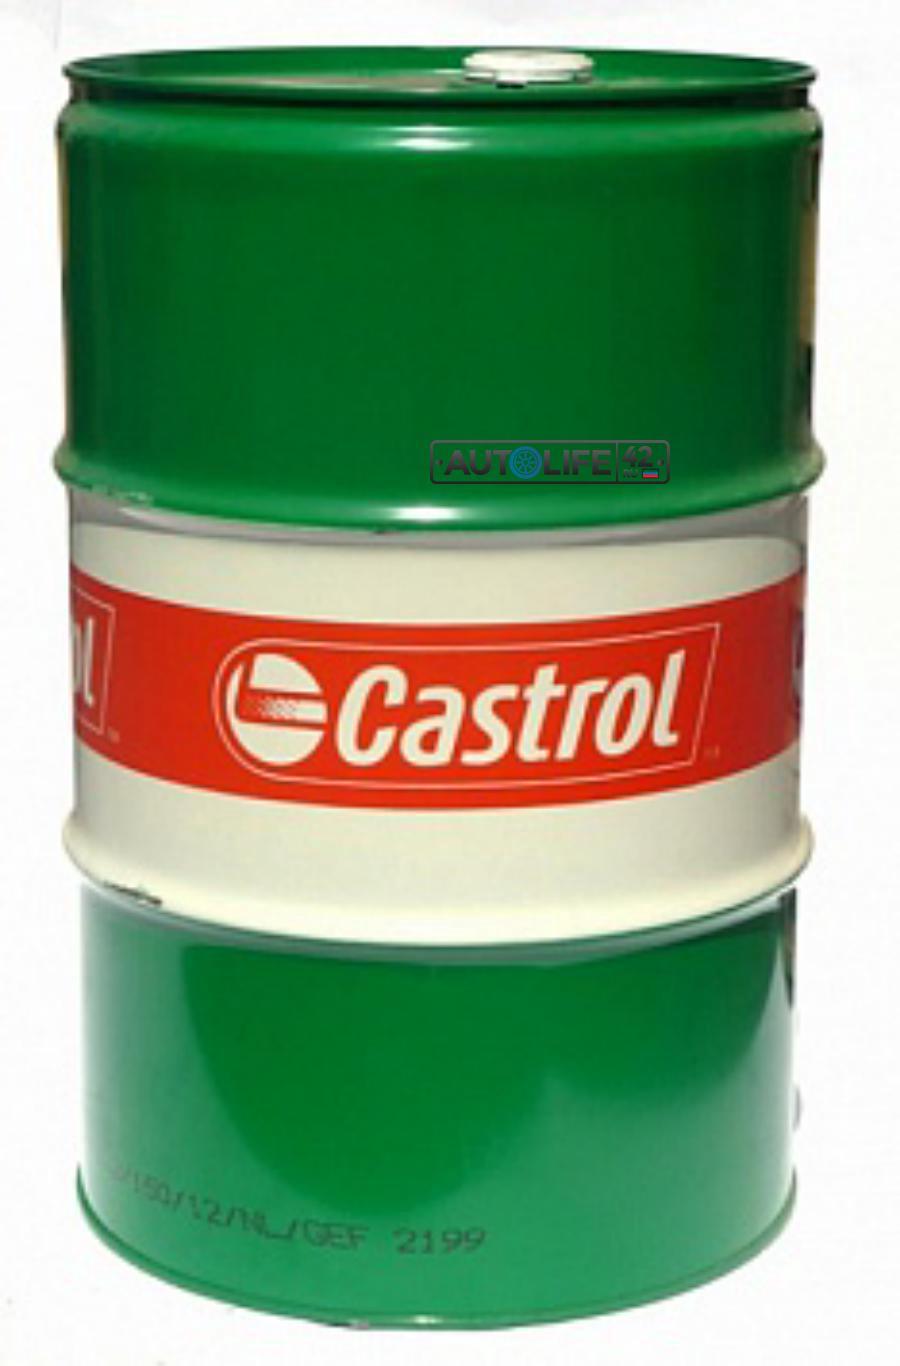 Моторное масло Castrol EDGE Professional LL01 5W-30 синтетическое, 60 л